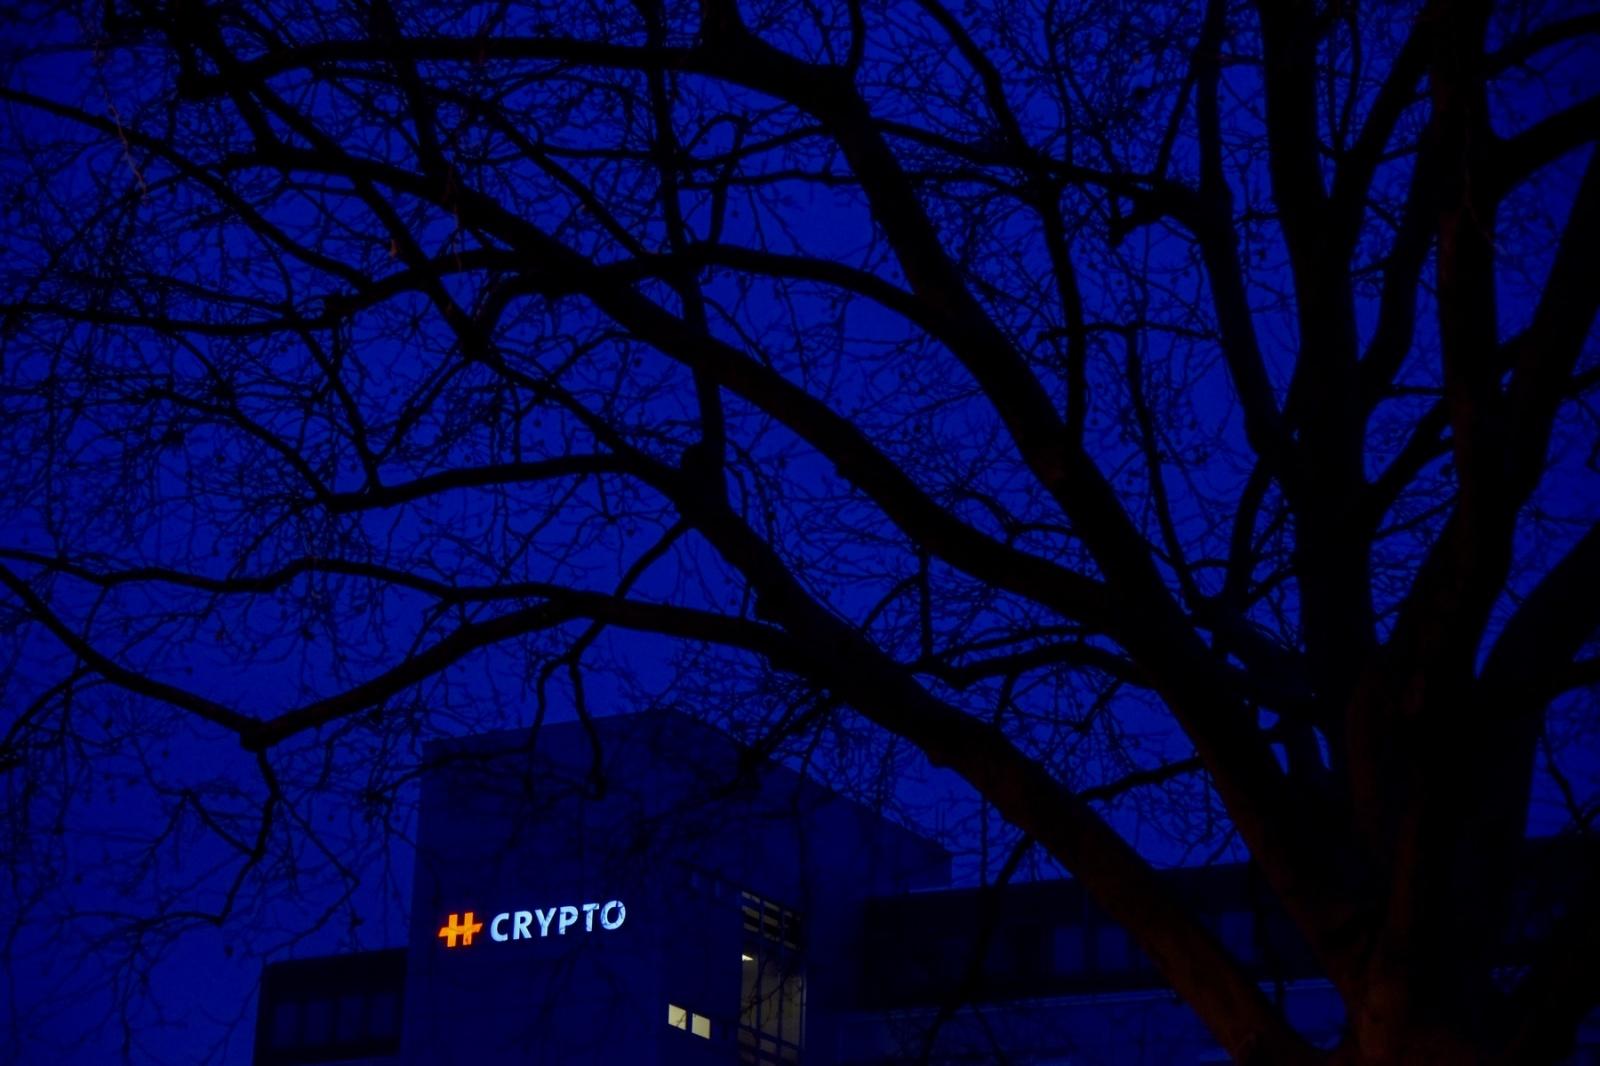 Как в ЦРУ десятилетиями читали зашифрованную переписку союзников и противников - 5